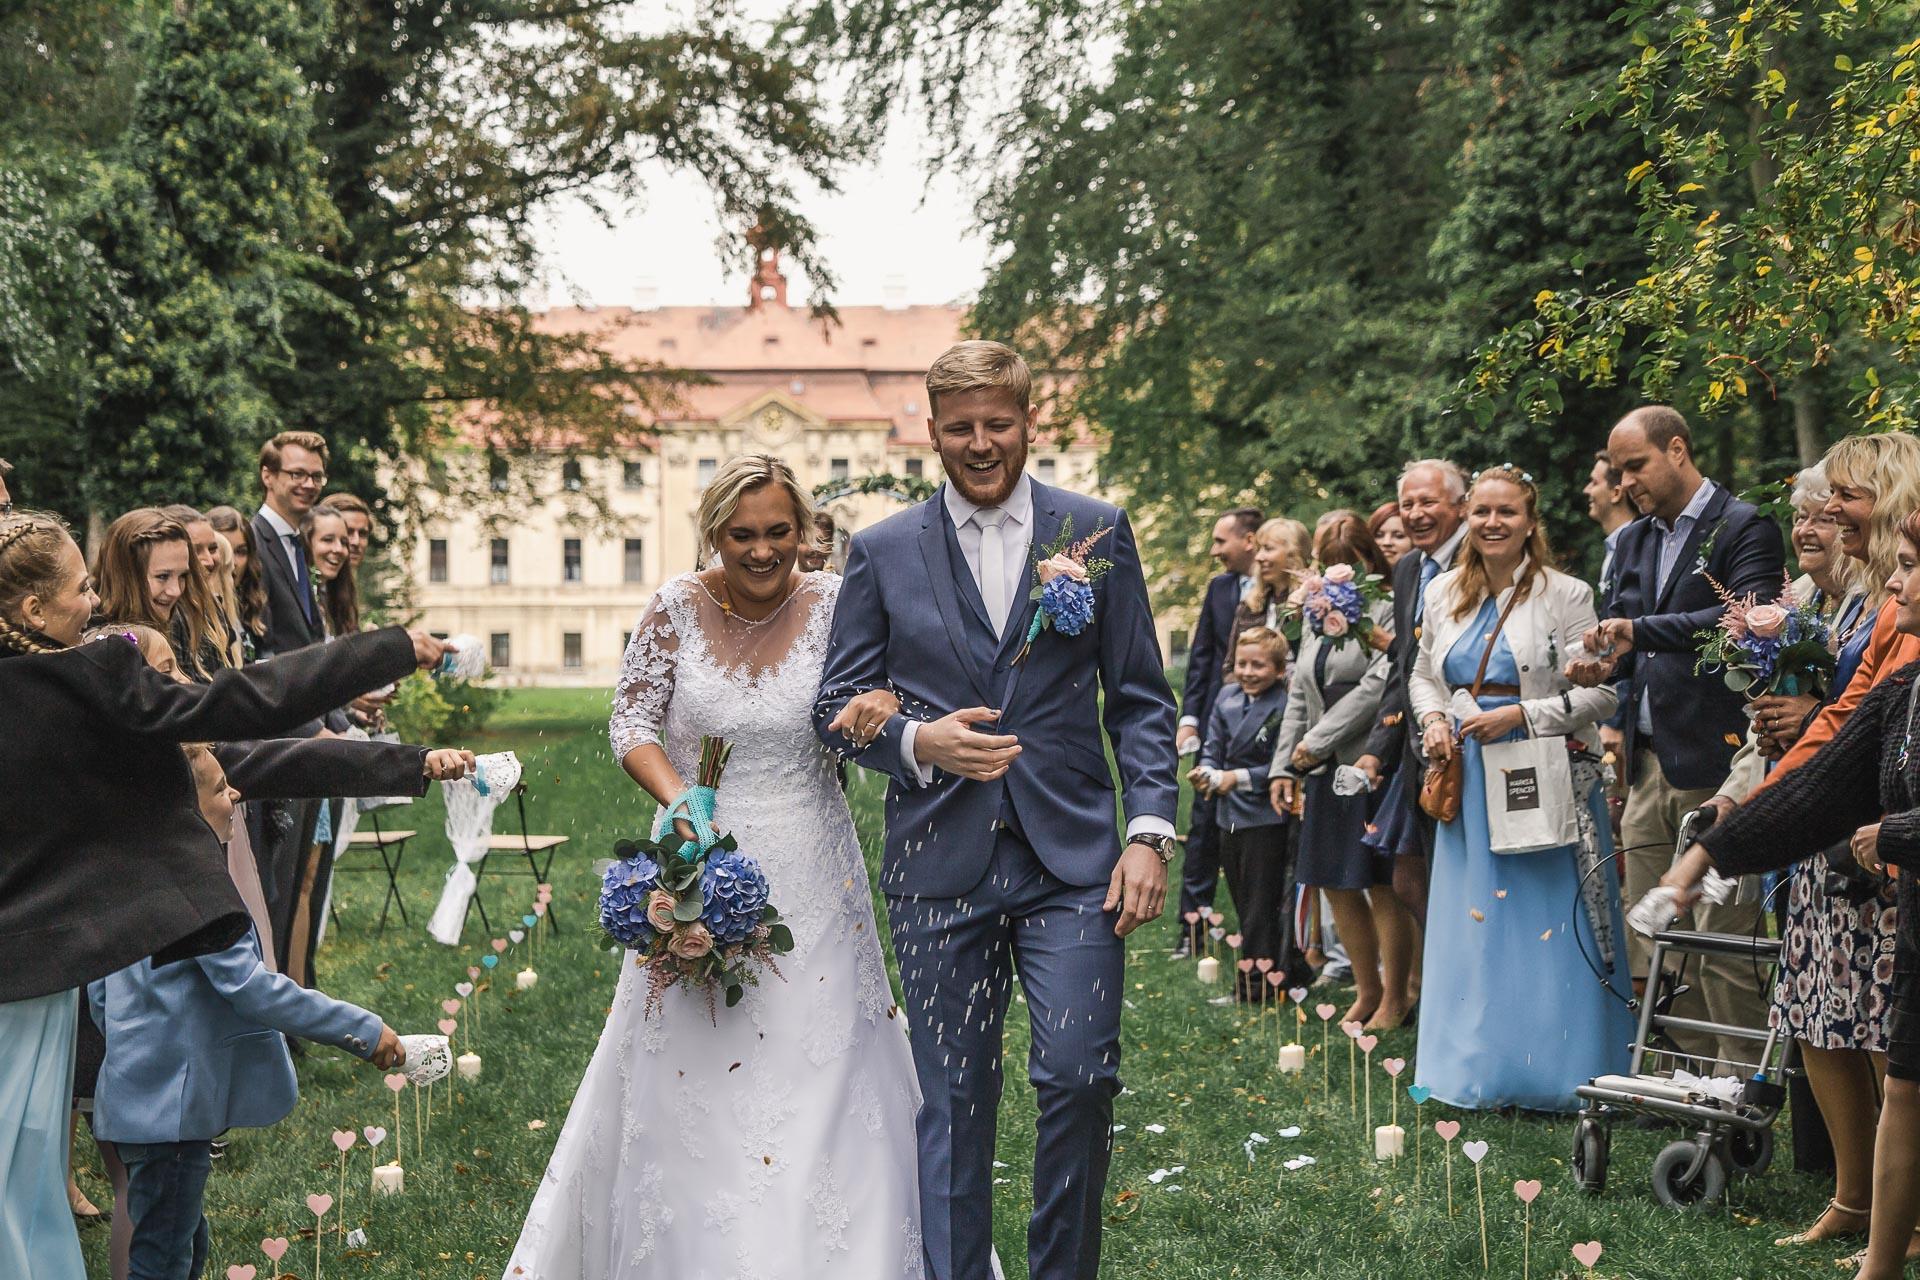 Svatební-fotograf-zámecký-park-Měšice-Svatba-Měšice-u-Prahy-7310